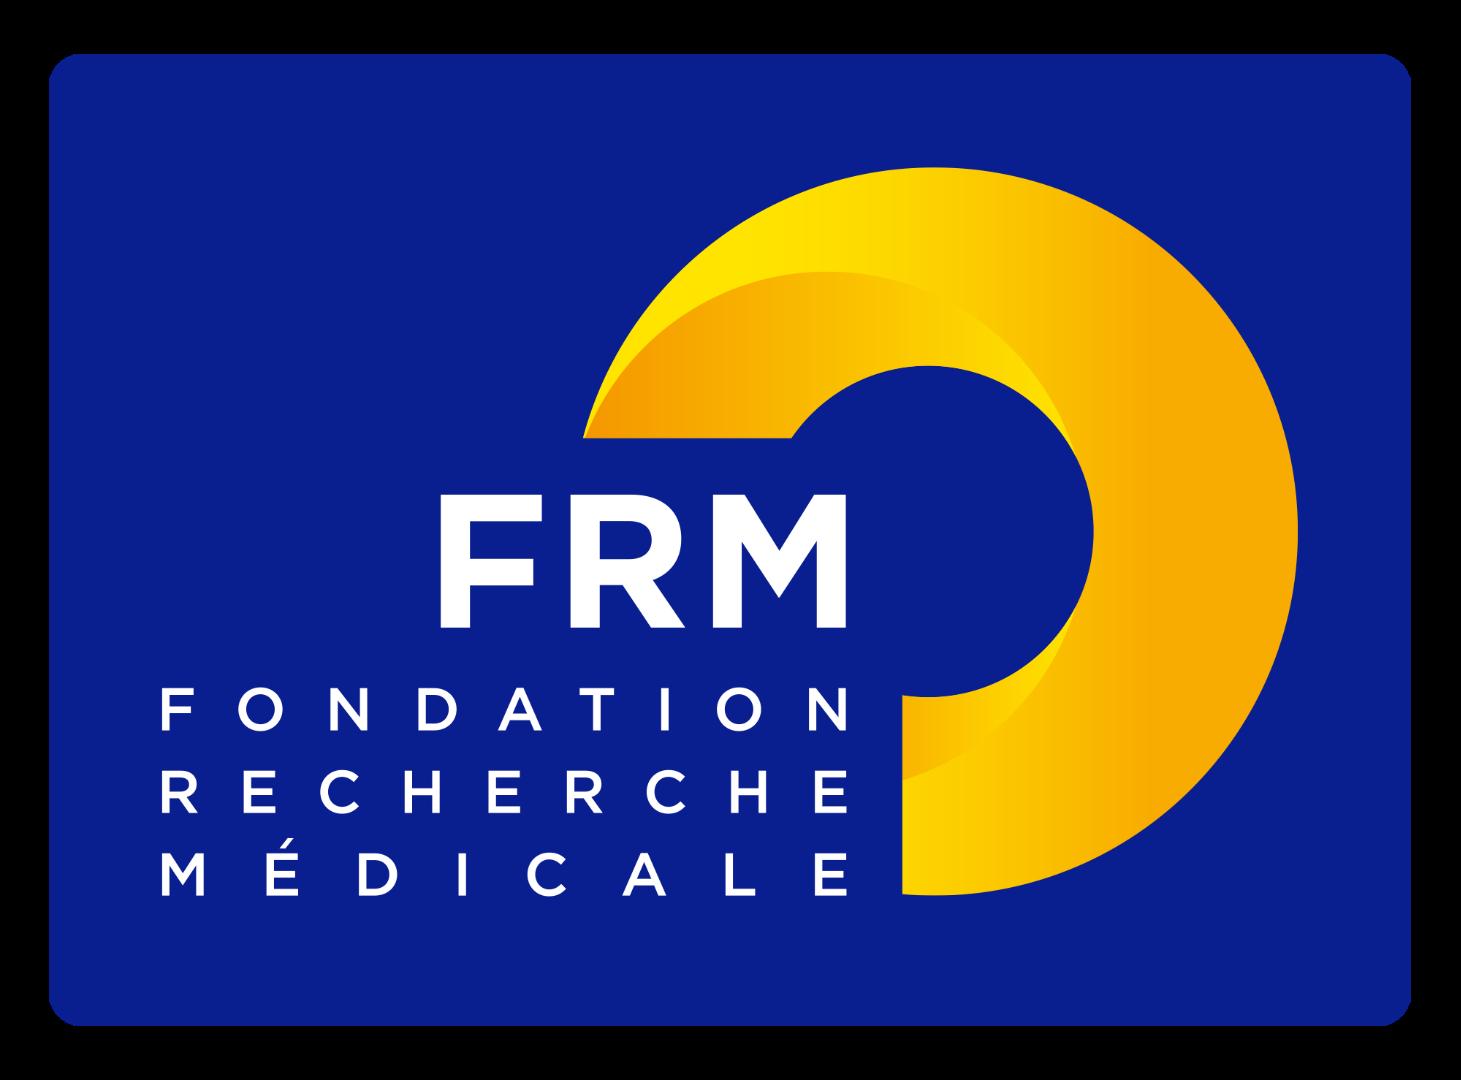 Fondation recherche médicale - FRM